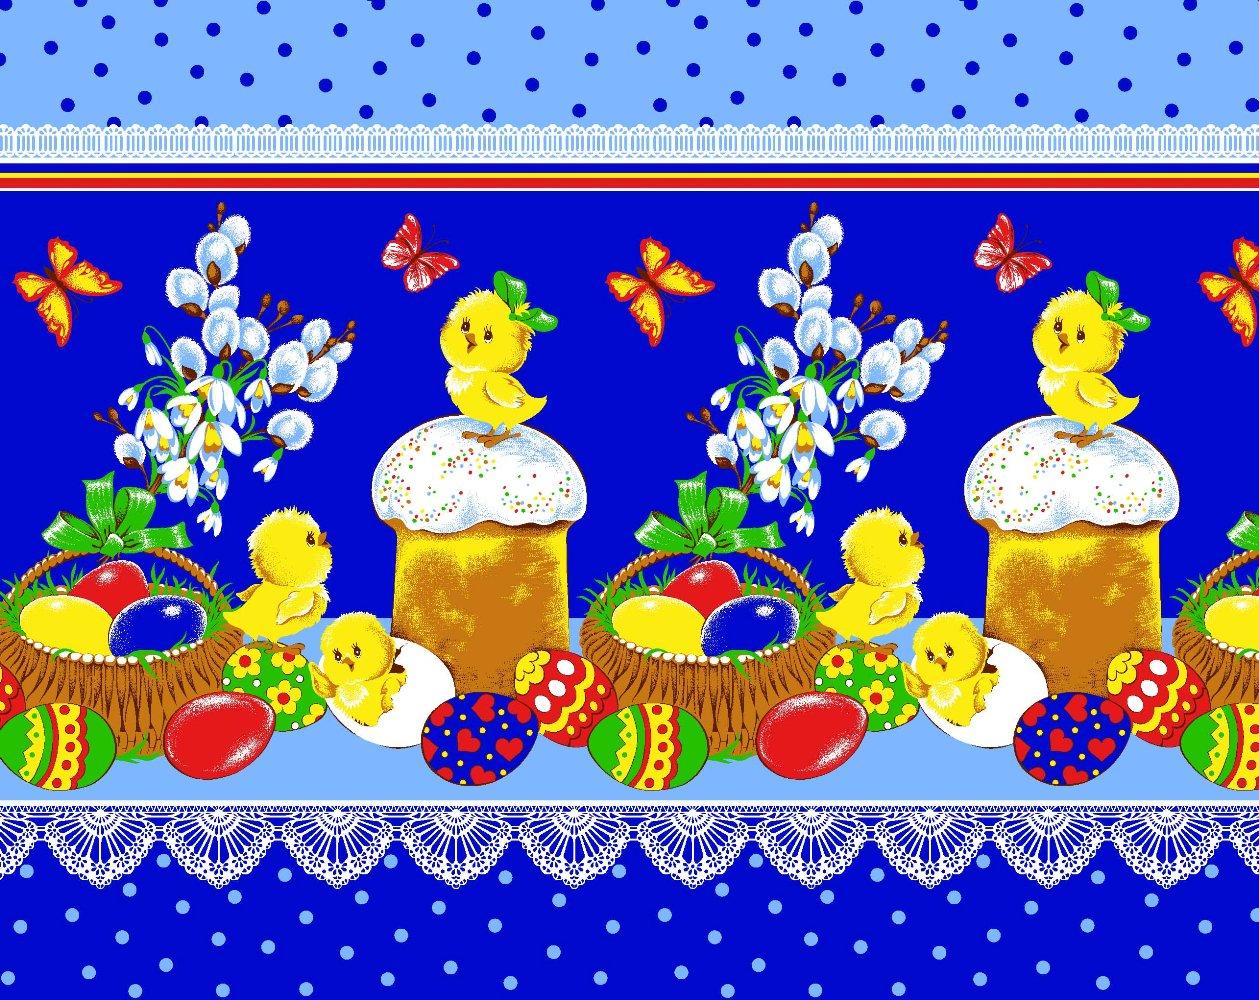 Вафельное полотенце Пасха, размер 50х70 смВафельные полотенца<br><br><br>Тип: Вафельное полотенце<br>Размер: 50х70<br>Материал: Вафельное полотно